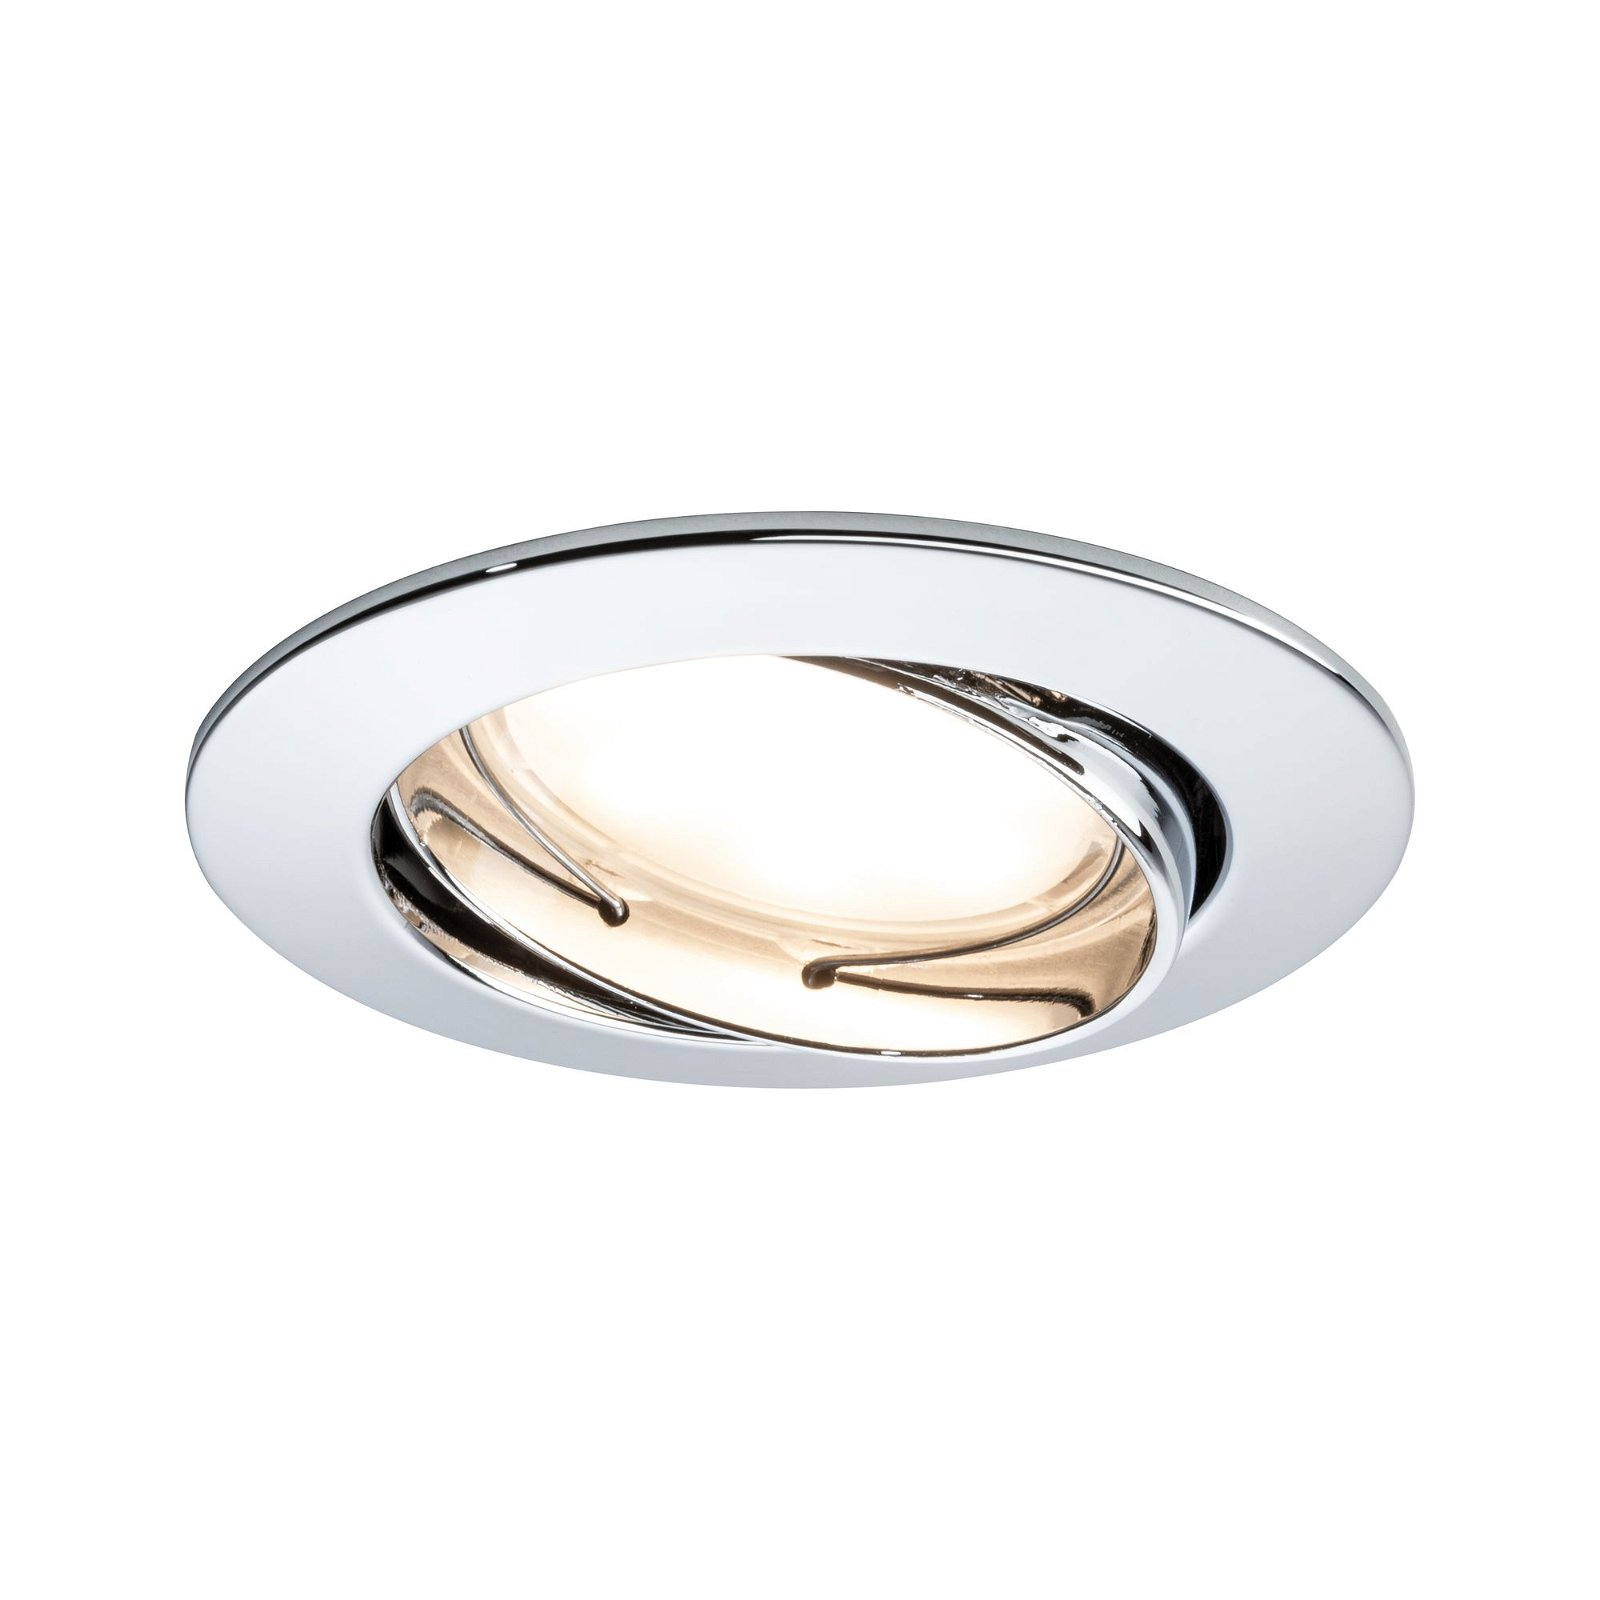 Encastrés LED Coin satiné rond 6,8W Chrome Kit de3 orientables